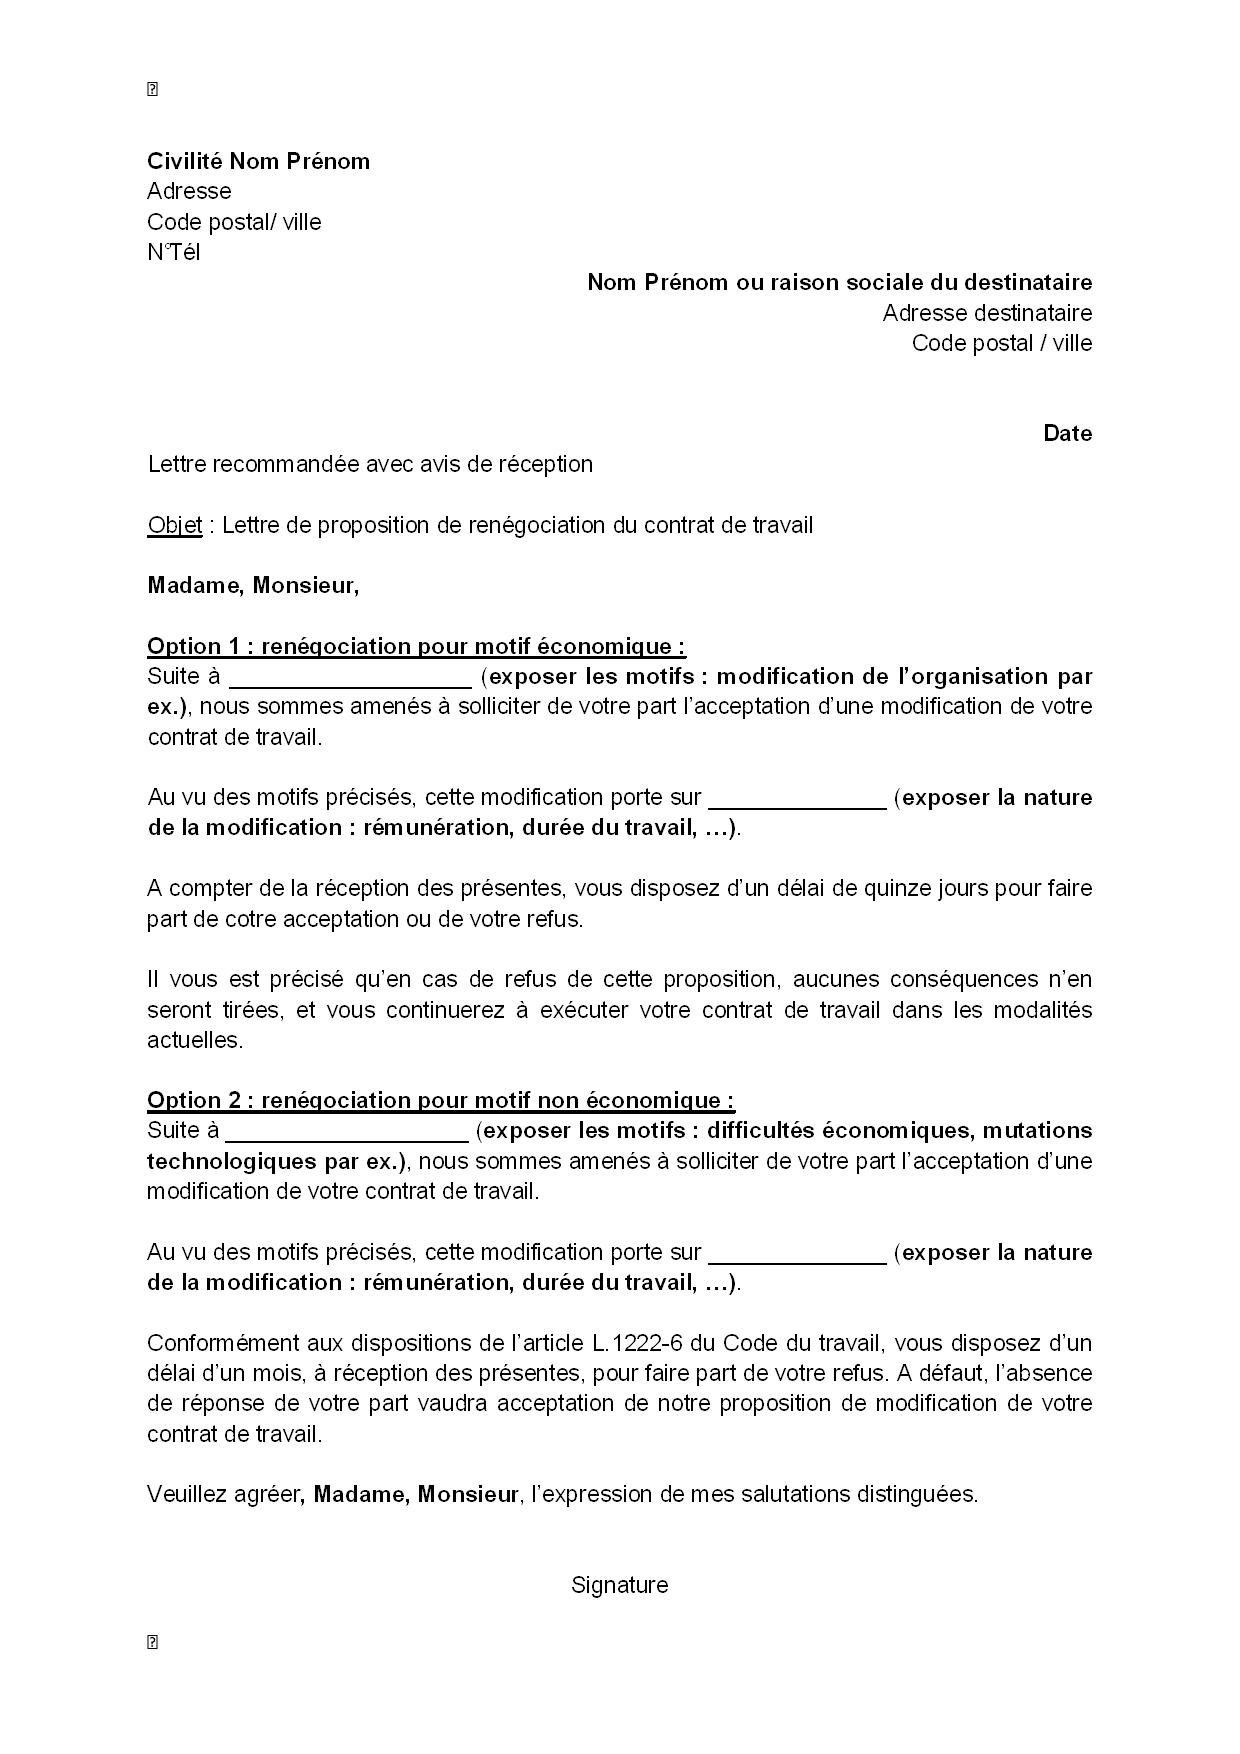 Lettre De Proposition De Renegociation Du Contrat De Travail Par L